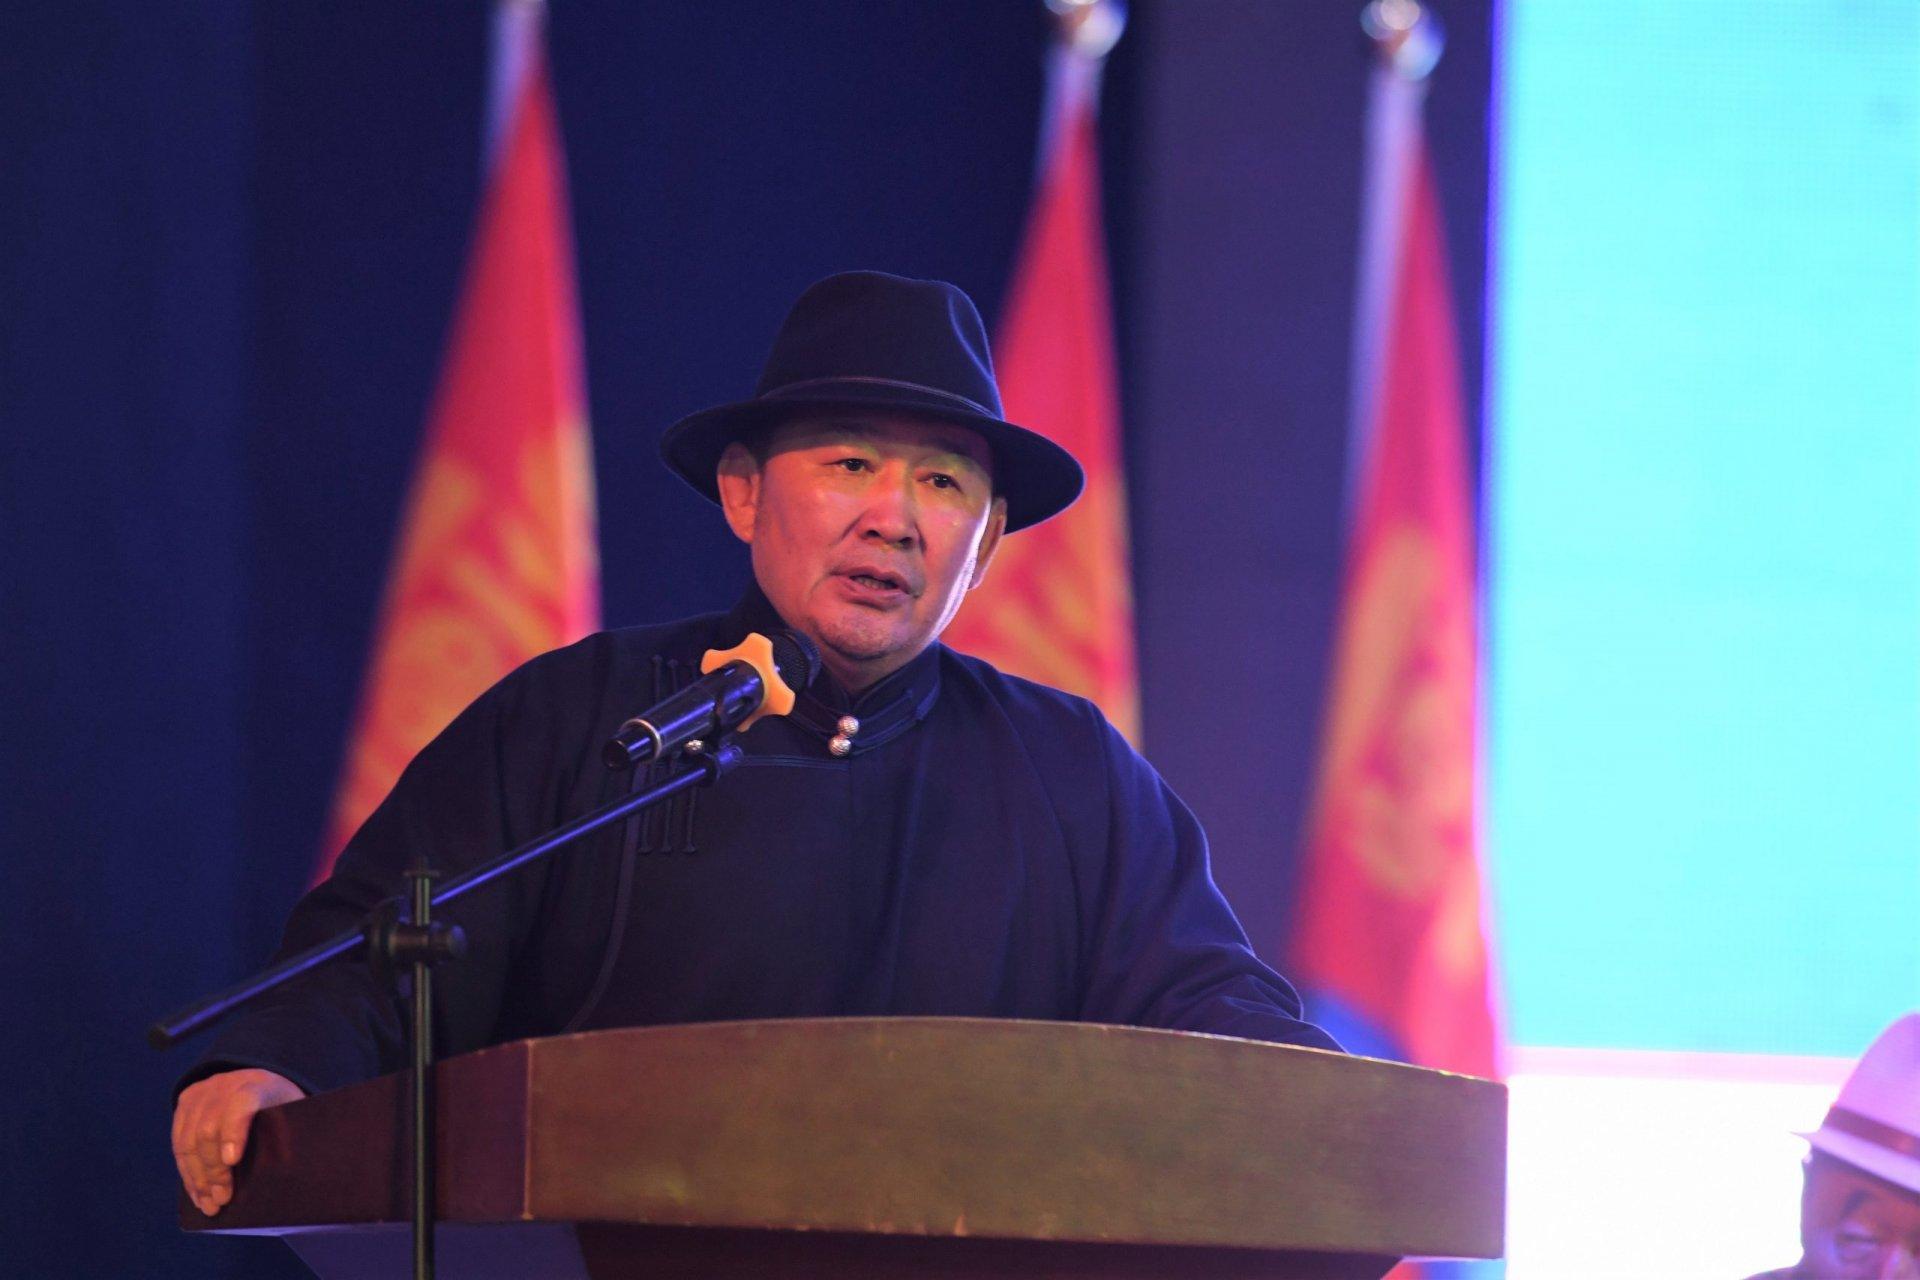 Ерөнхийлөгч Х.Баттулга НҮБ-ын 77 дугаар чуулганы нээлтэд мэндчилгээ дэвшүүллээ